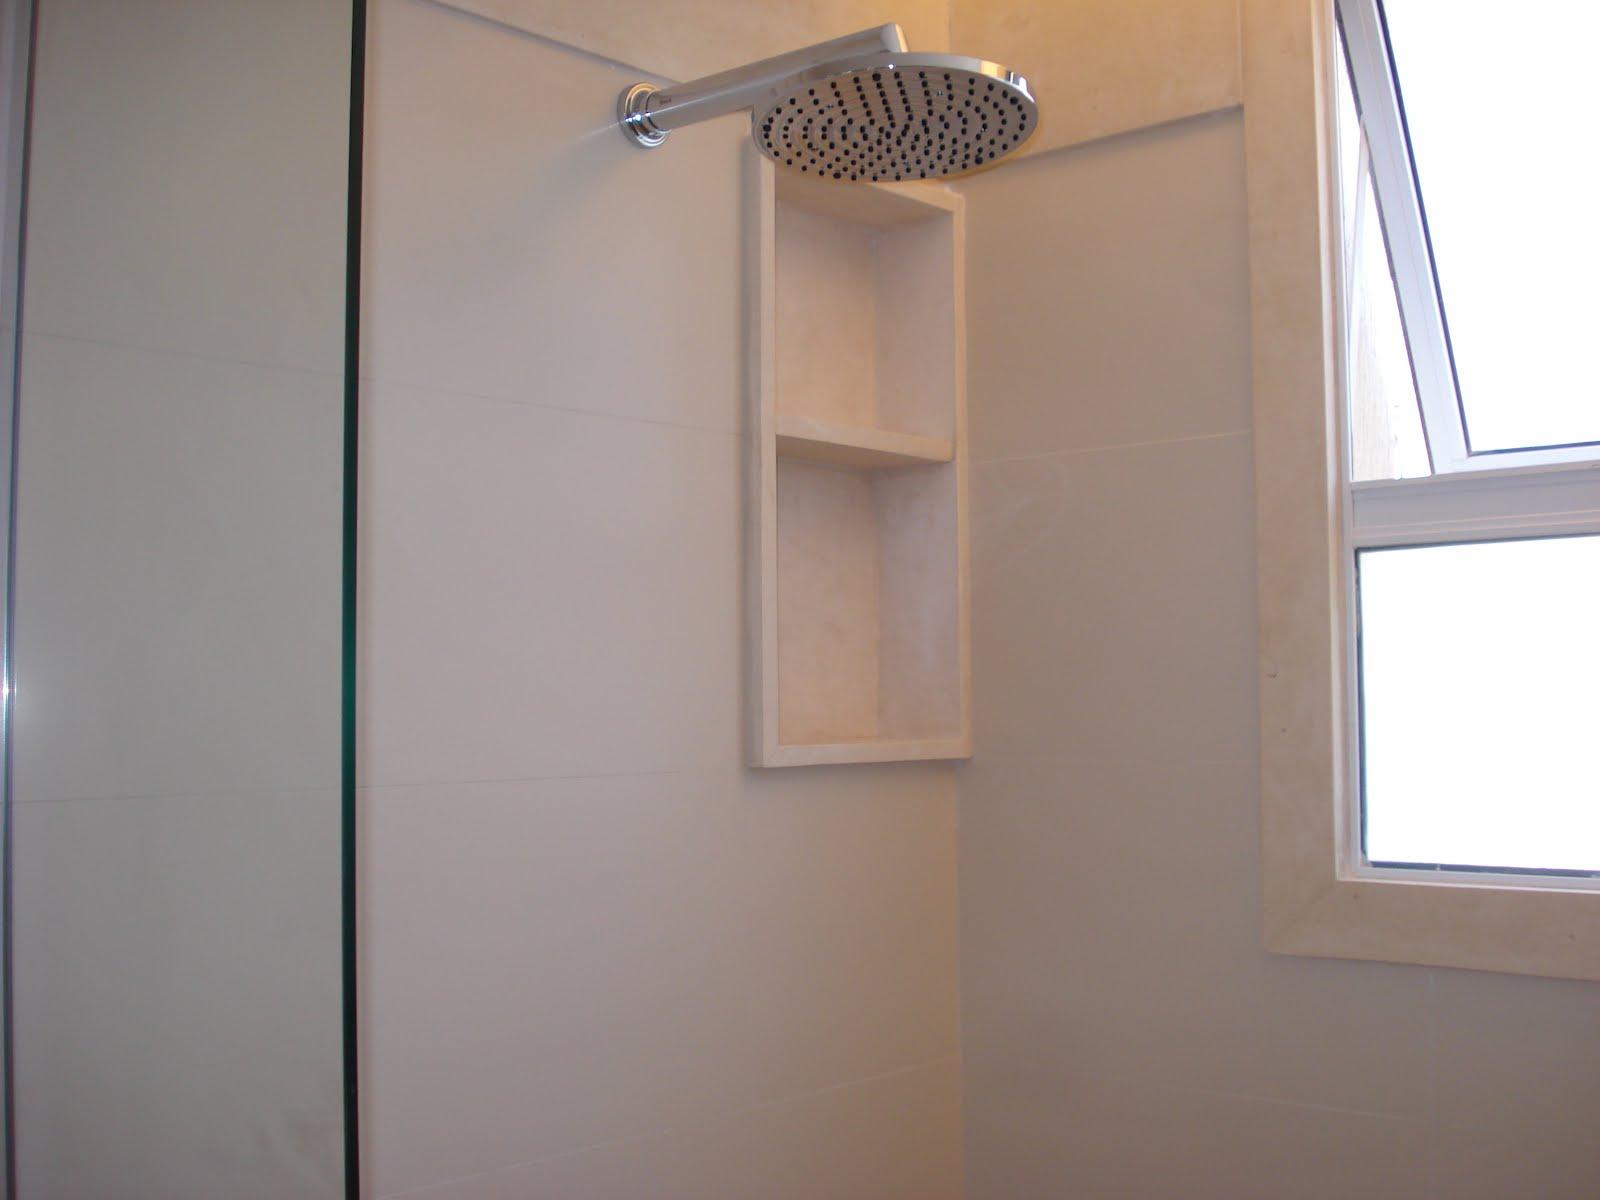 MARMORE TRAVERTINO BRUTO IMPERMEABILIZADO COM HIDROFUGANTE ESPECIAL 05  #886343 1600x1200 Banheiro Com Box De Marmore